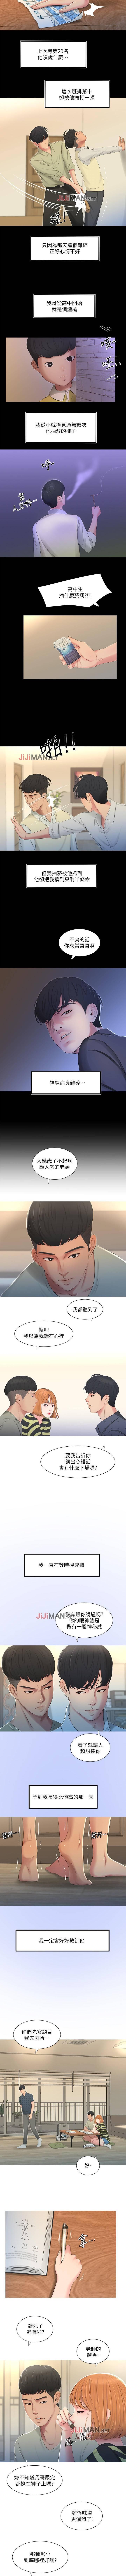 【周四连载】亲家四姐妹(作者:愛摸) 第1~27话 2